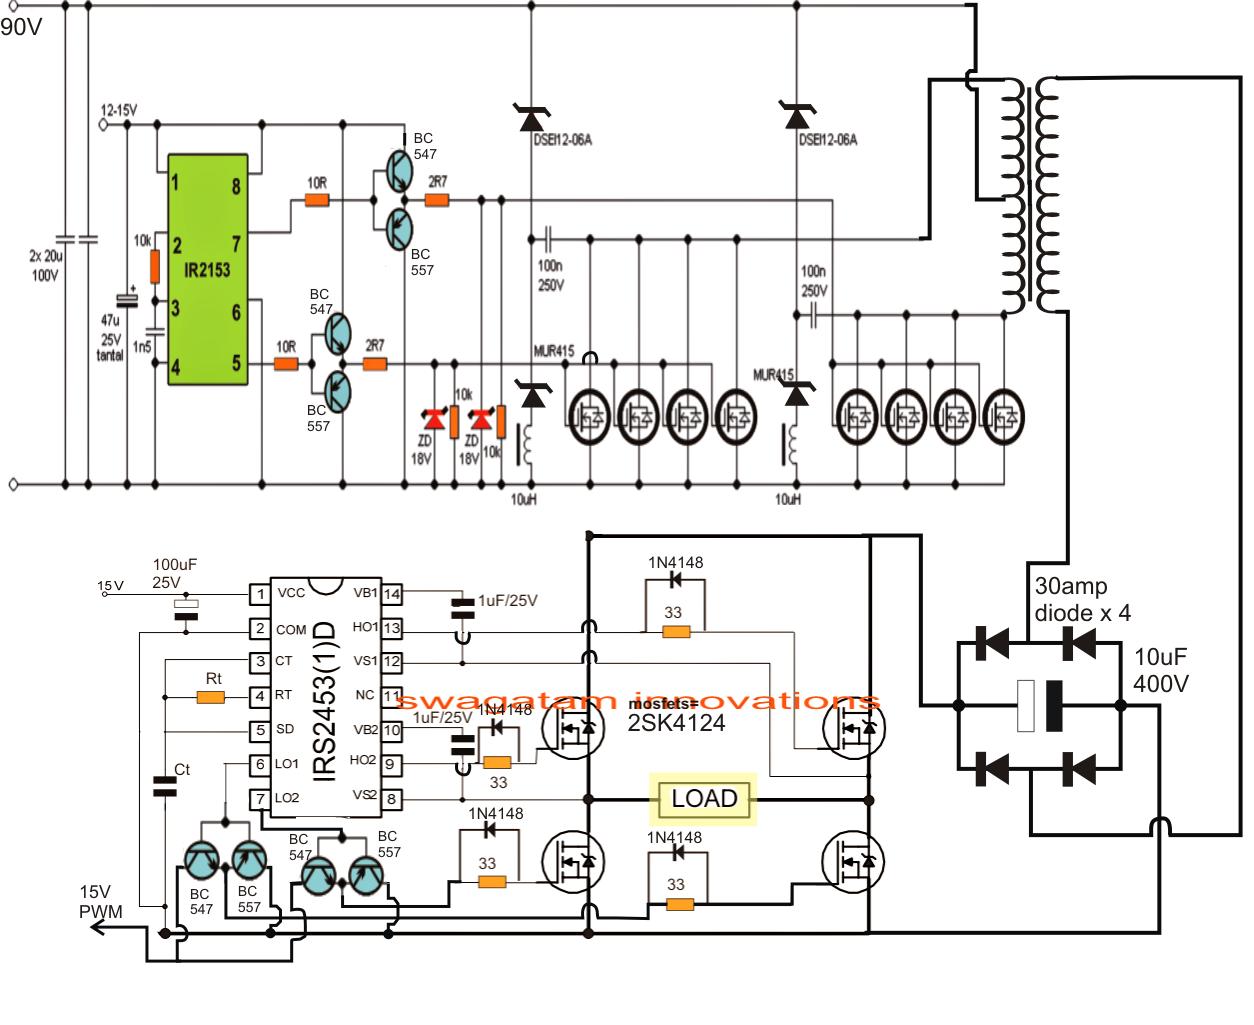 Pwm Solar Charge Controller Circuit Diagram Holden Vectra Radio Wiring Solucionado Como Conectar Lampara De 2 Pines A